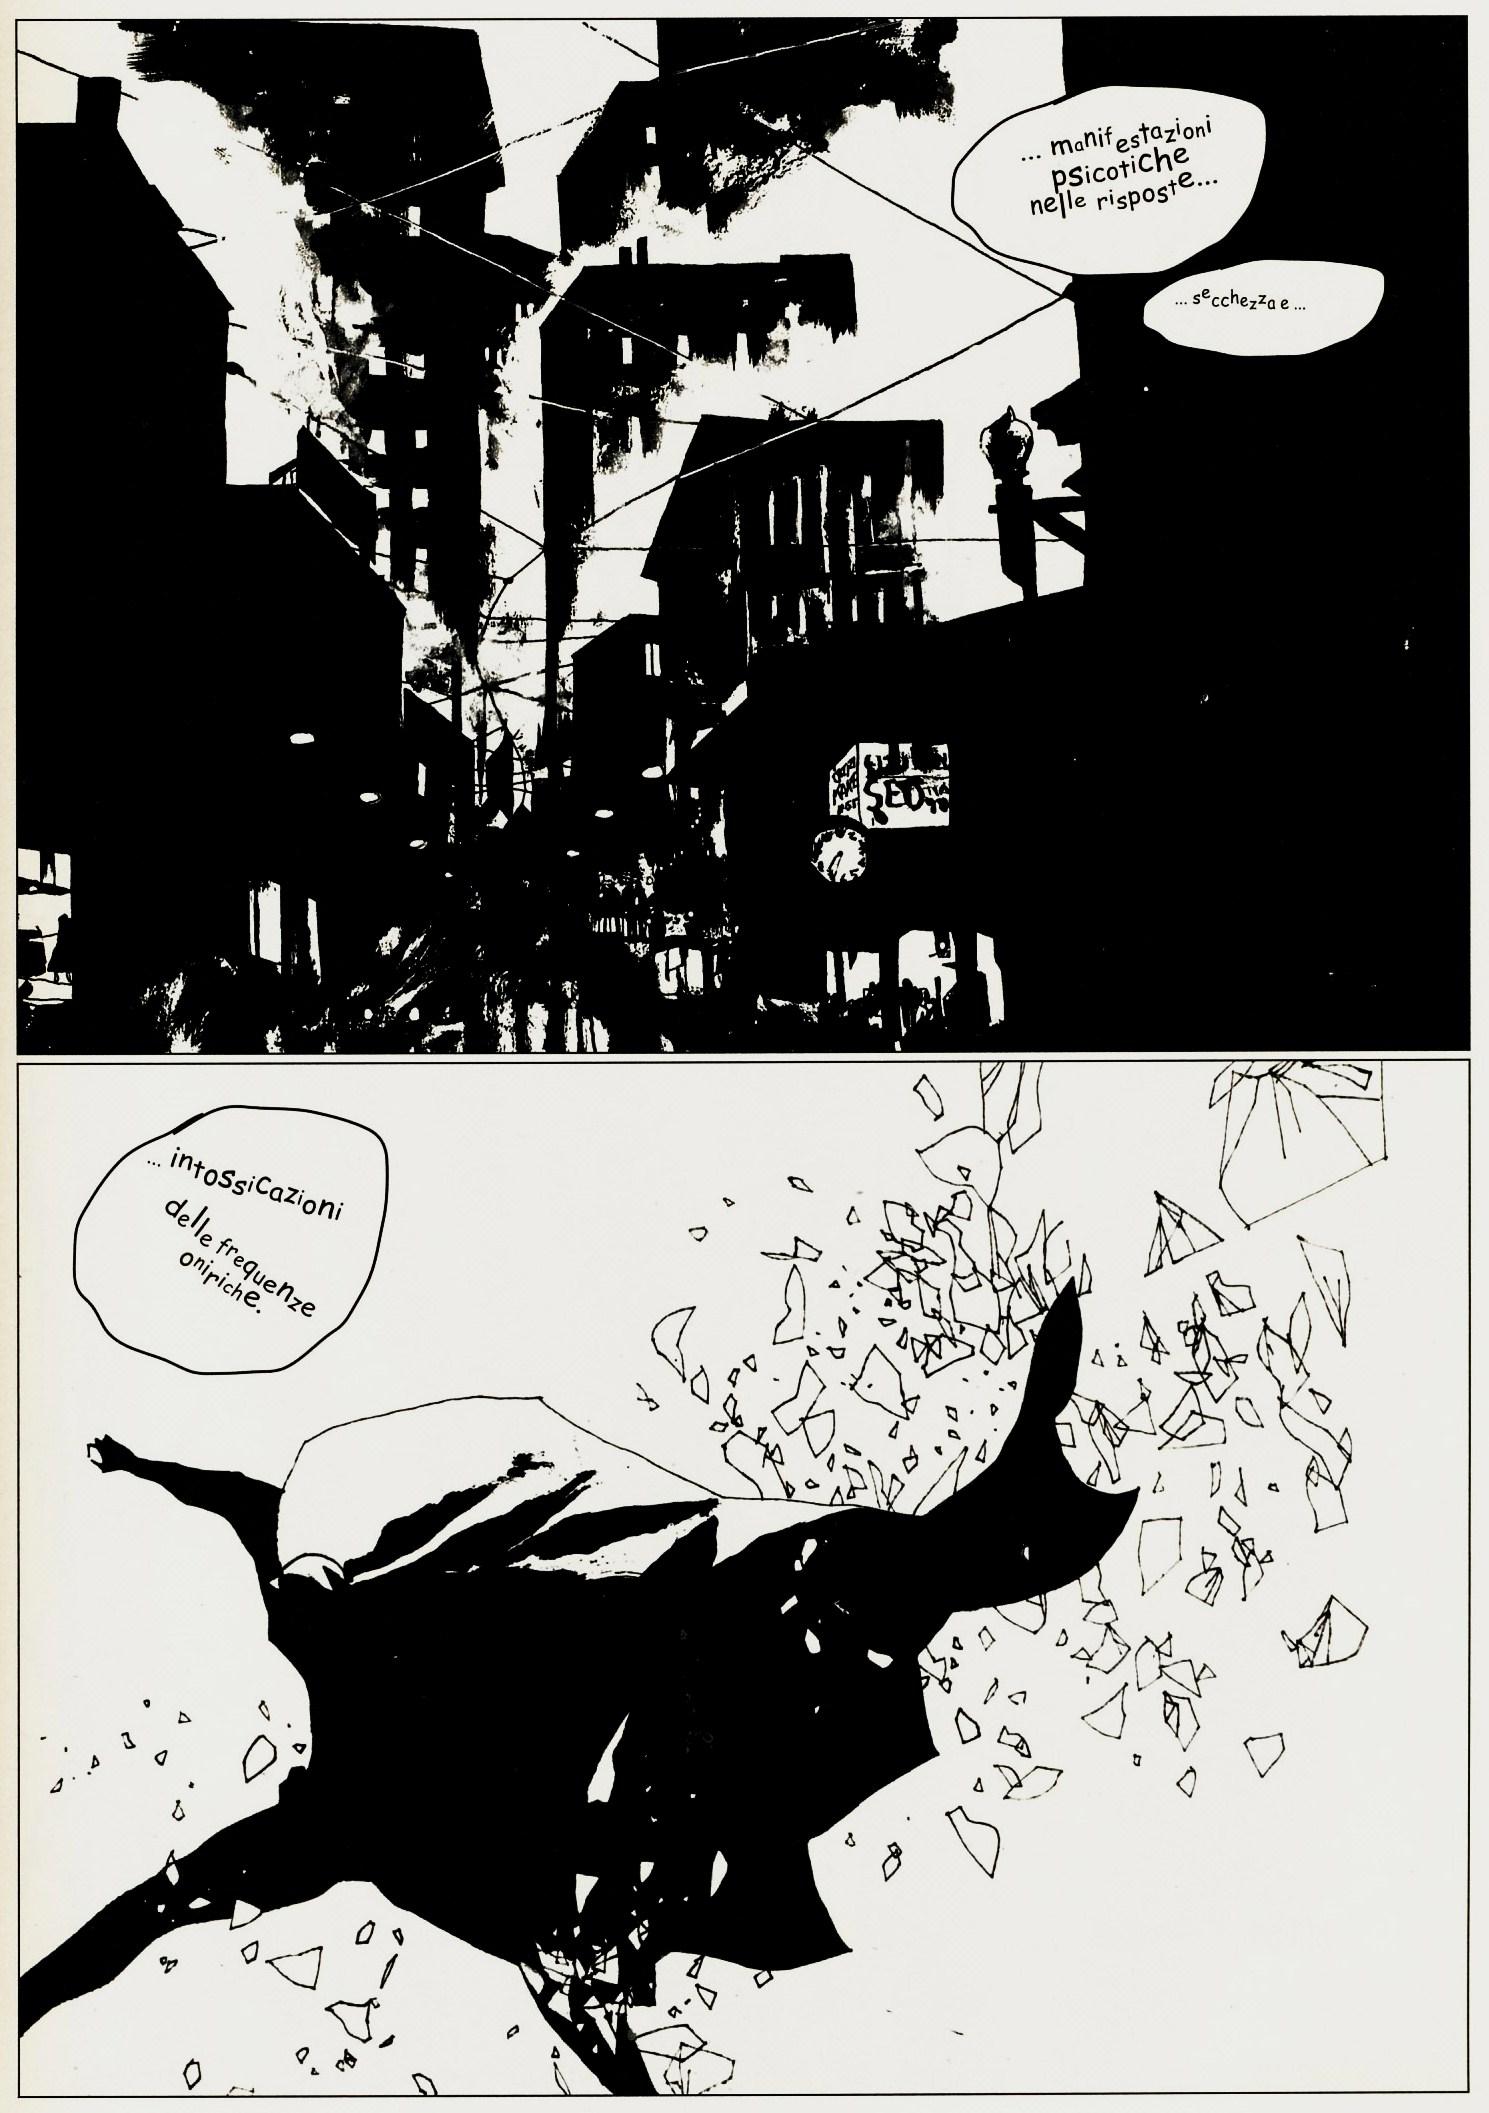 Perso nel bosco, di Dario Panzeri (Progetto Stigma / Eris Edizioni) 4 - fanzine